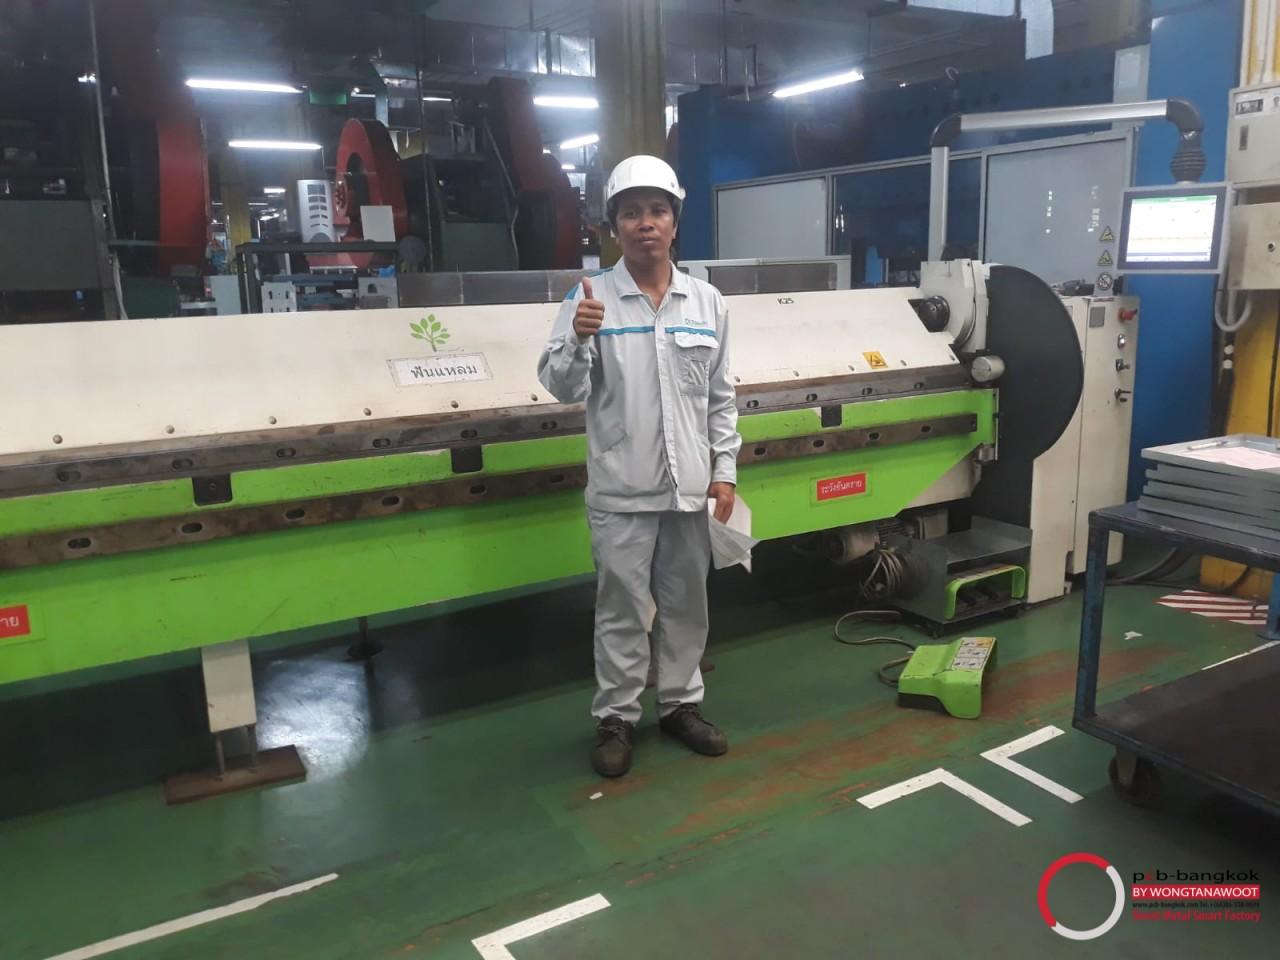 Wongtanawoot___folding_Cidan_15012563_1